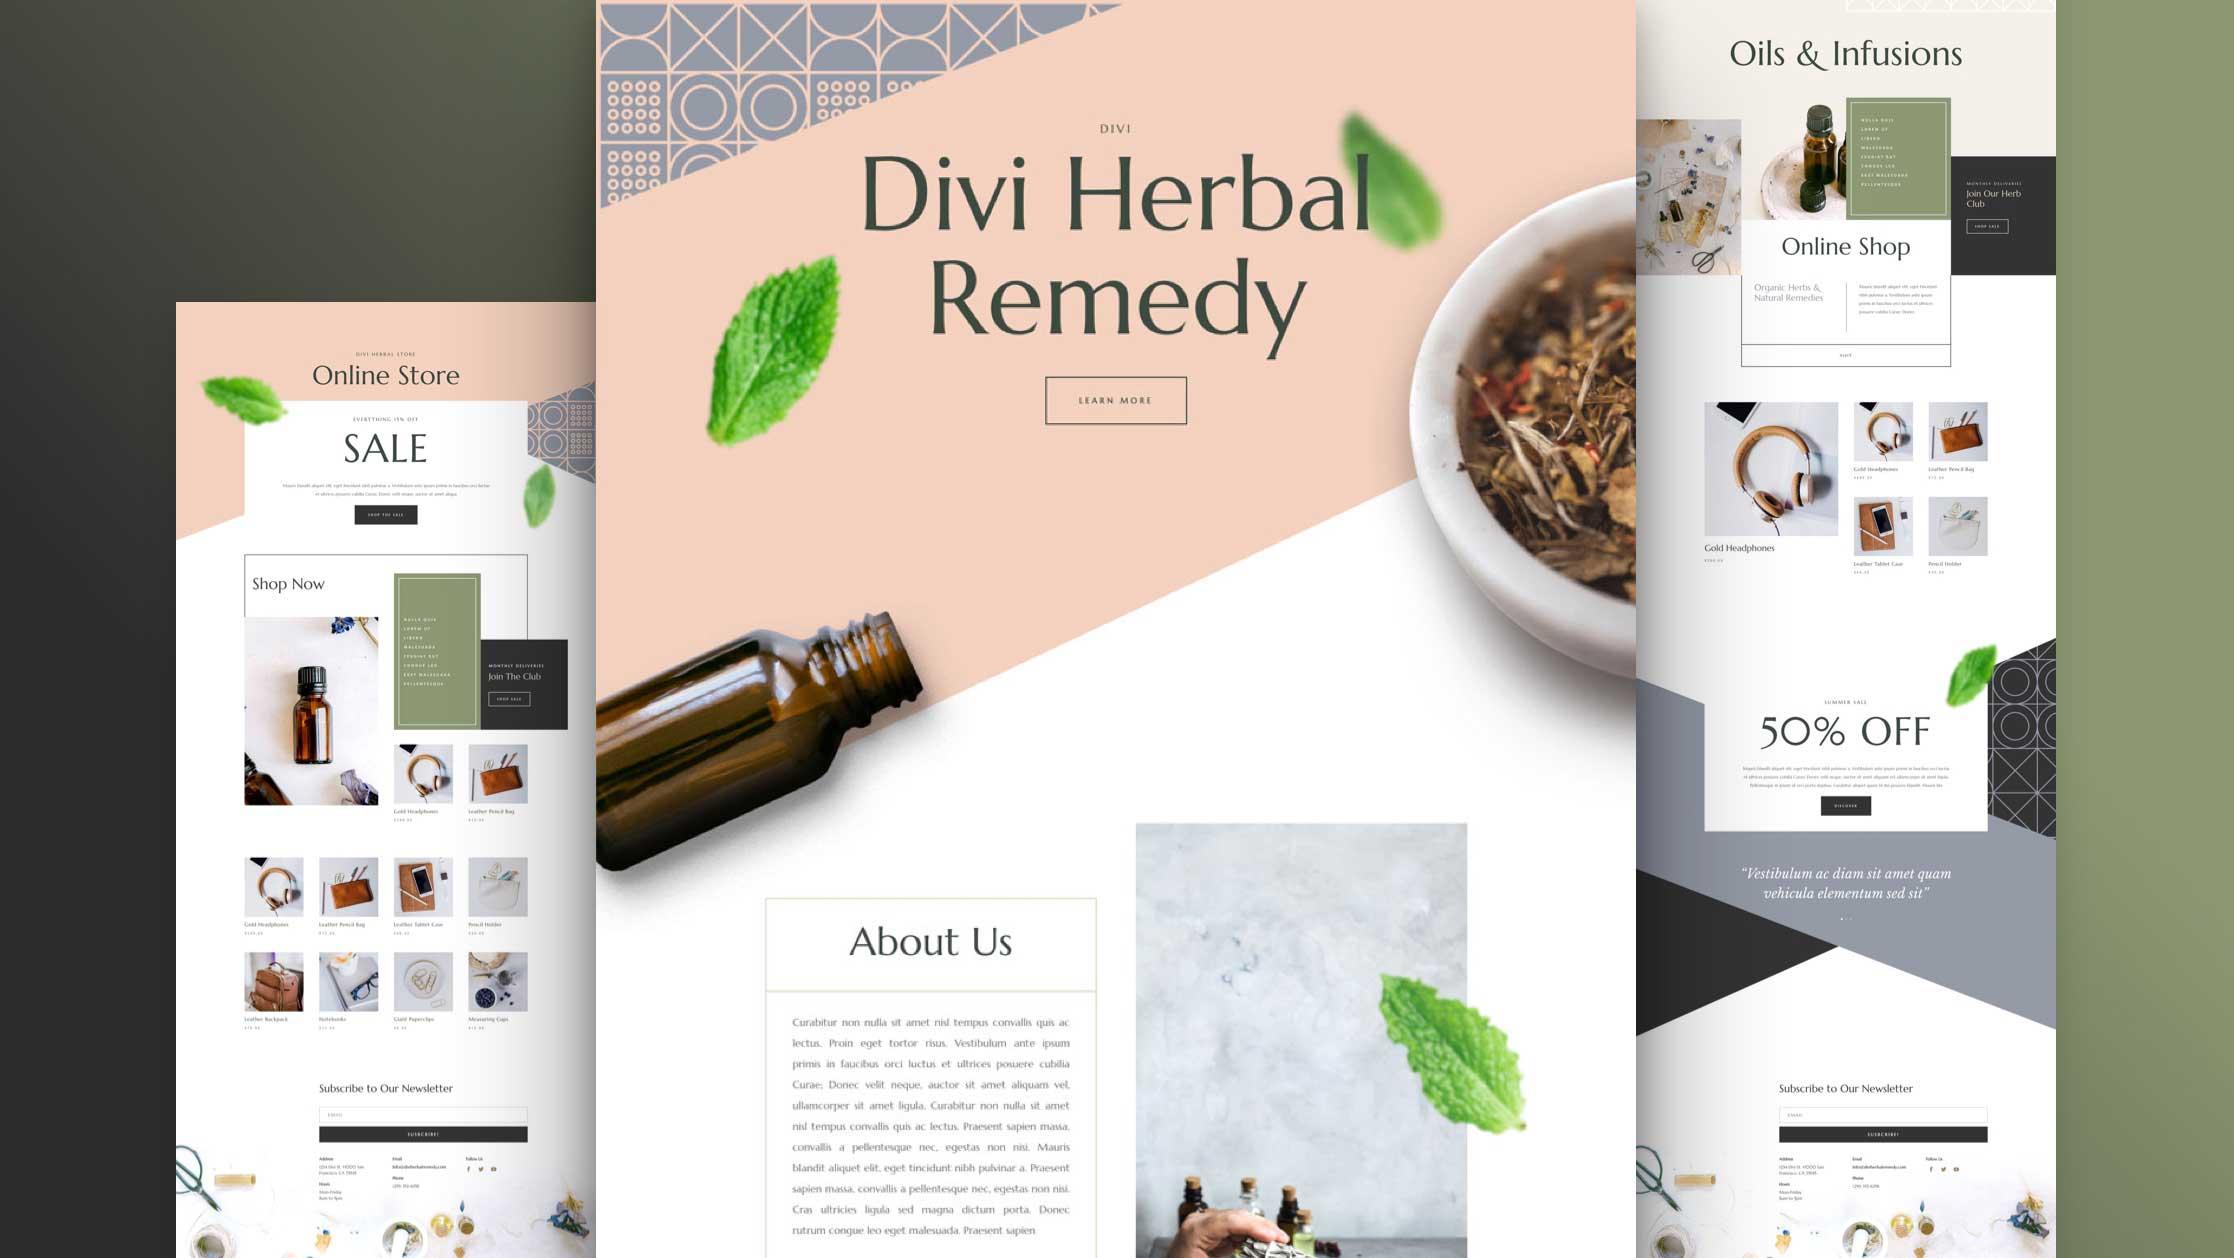 divi-pflanzliche-heilmittel-kostenloses-layout-pack